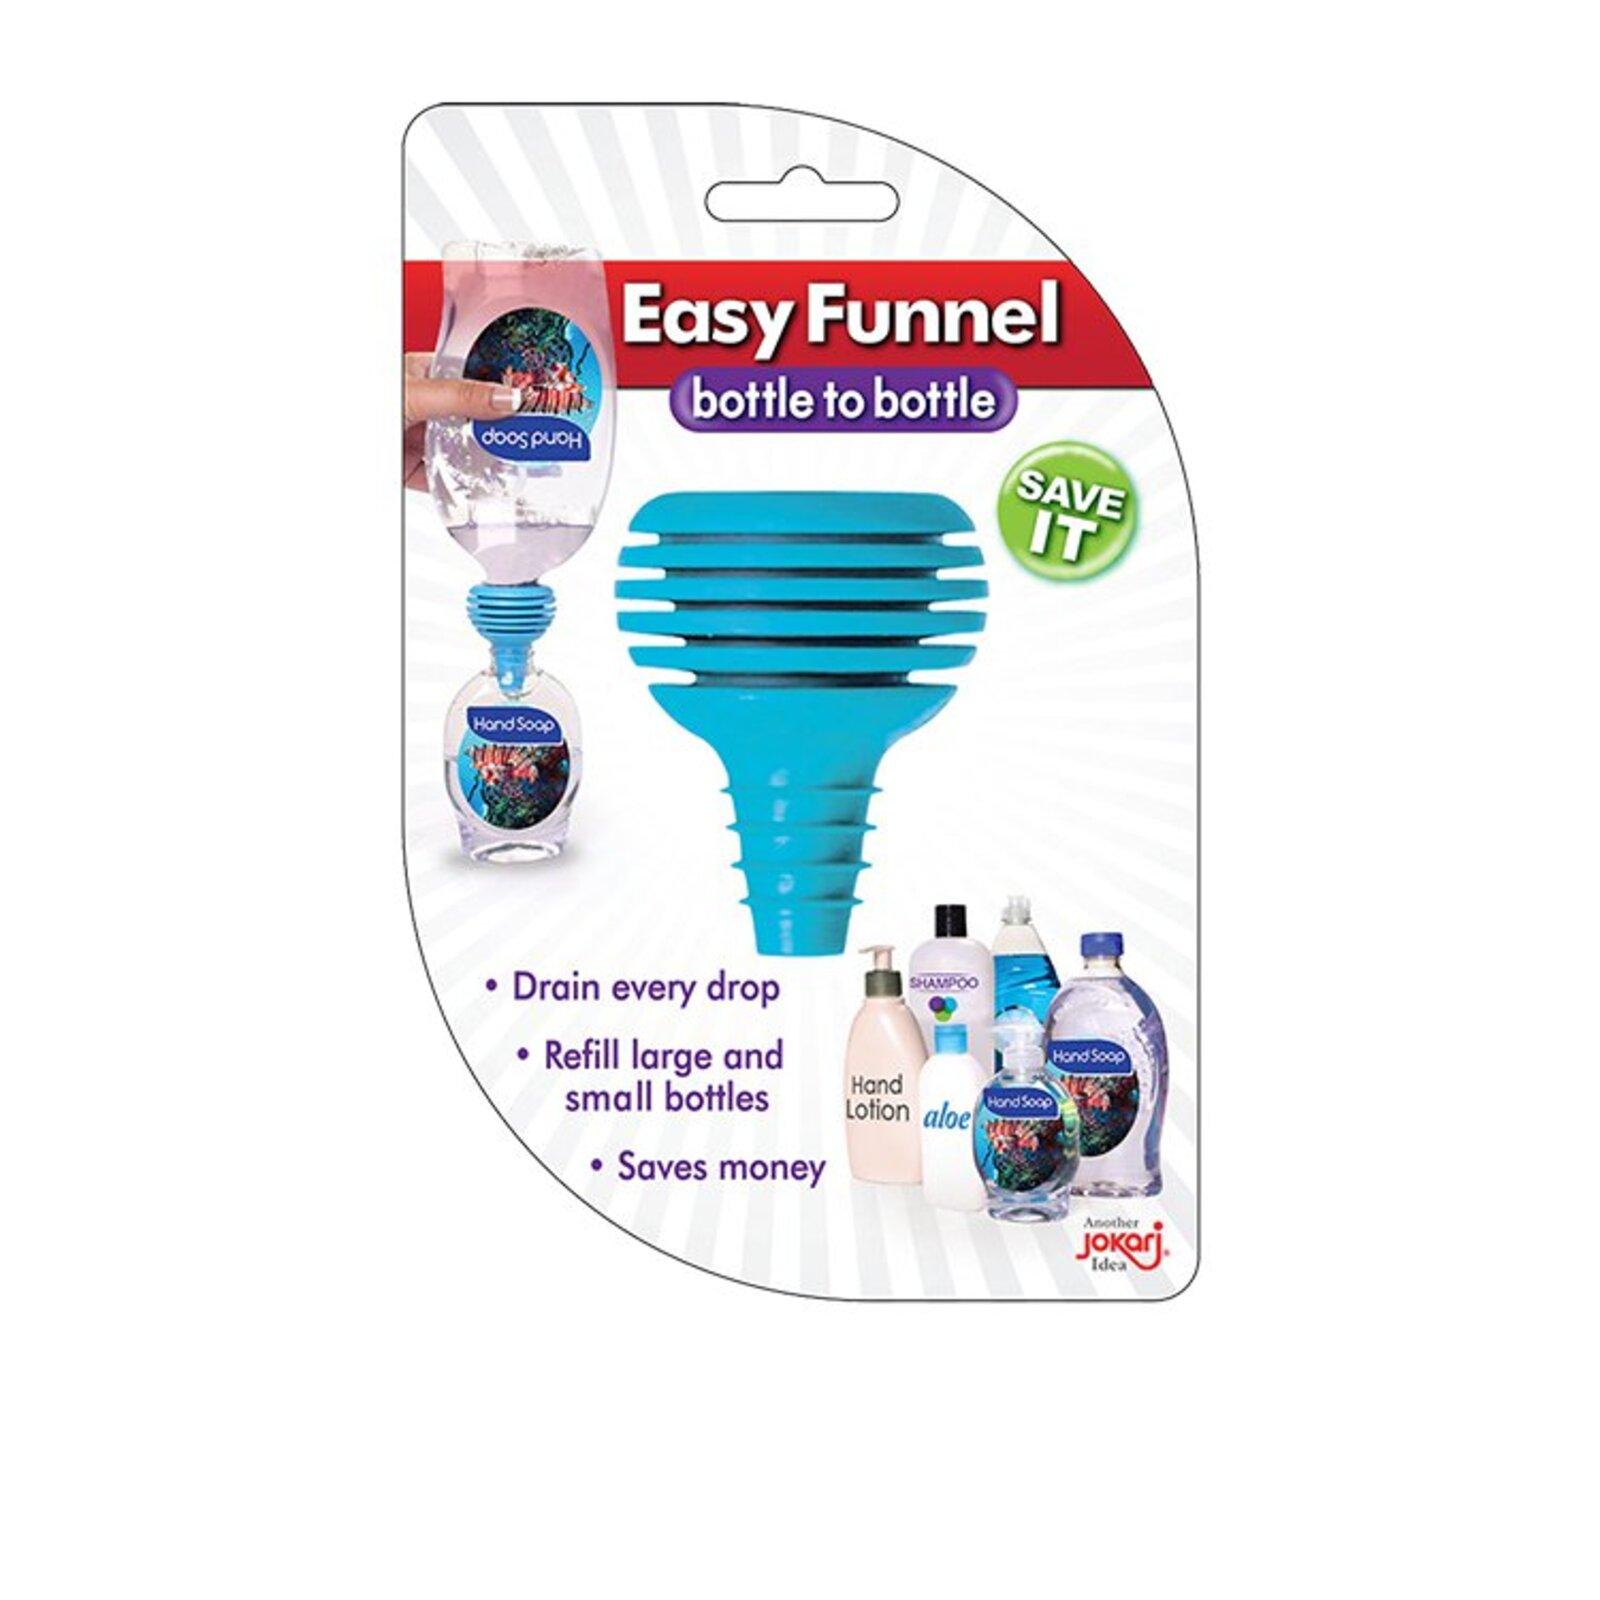 Jokari Easy Funnel